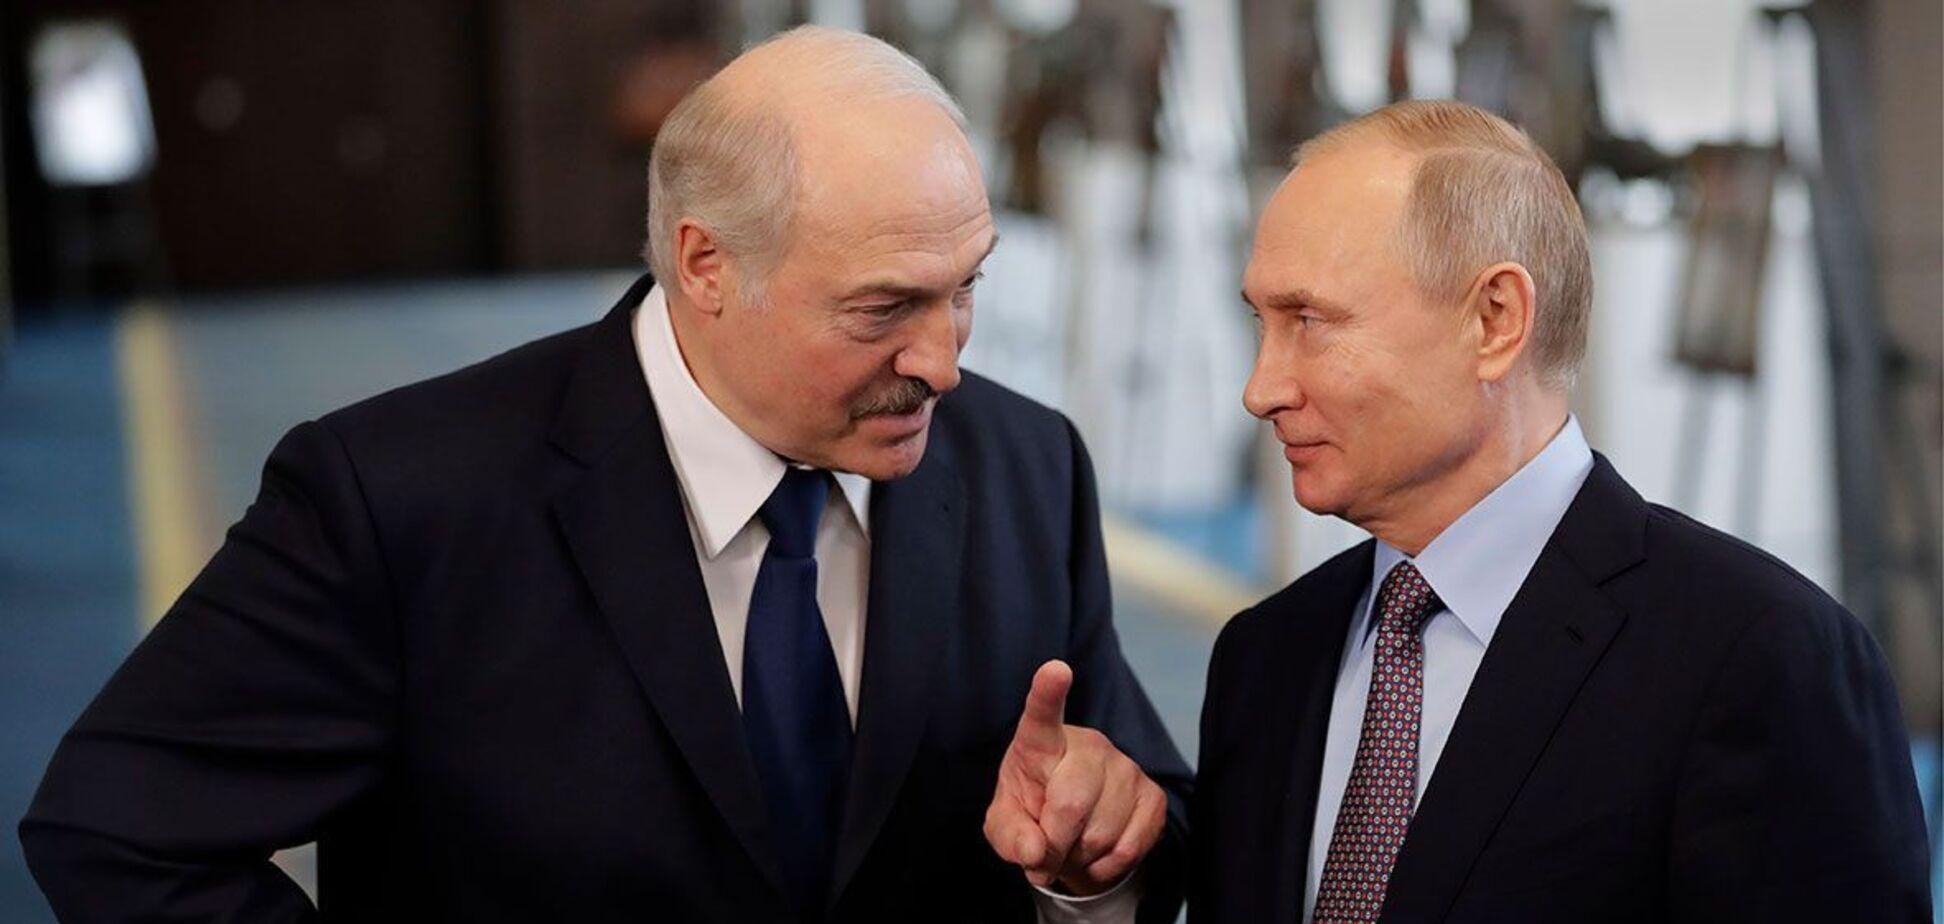 Лукашенко твердо обыгрывает Путина, но одновременно и проигрывает